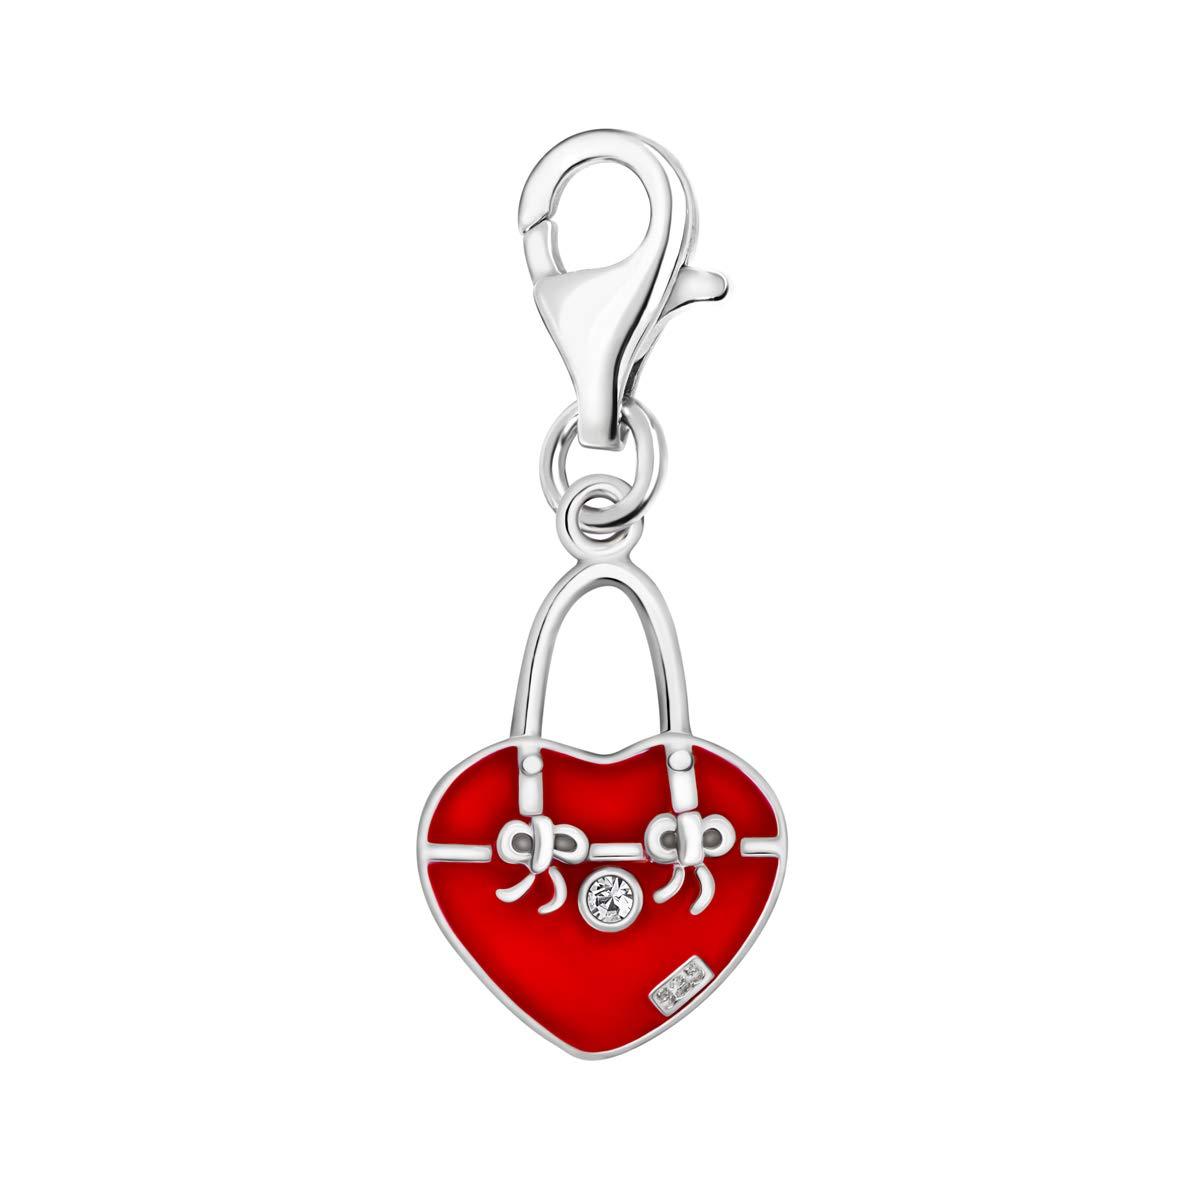 Quiges Charm Pendentif Perle avec Fermoir Femme Argent 925 Sac /à Main 3D avec Oxyde de Zirconium Blanc et /Émail Rouge